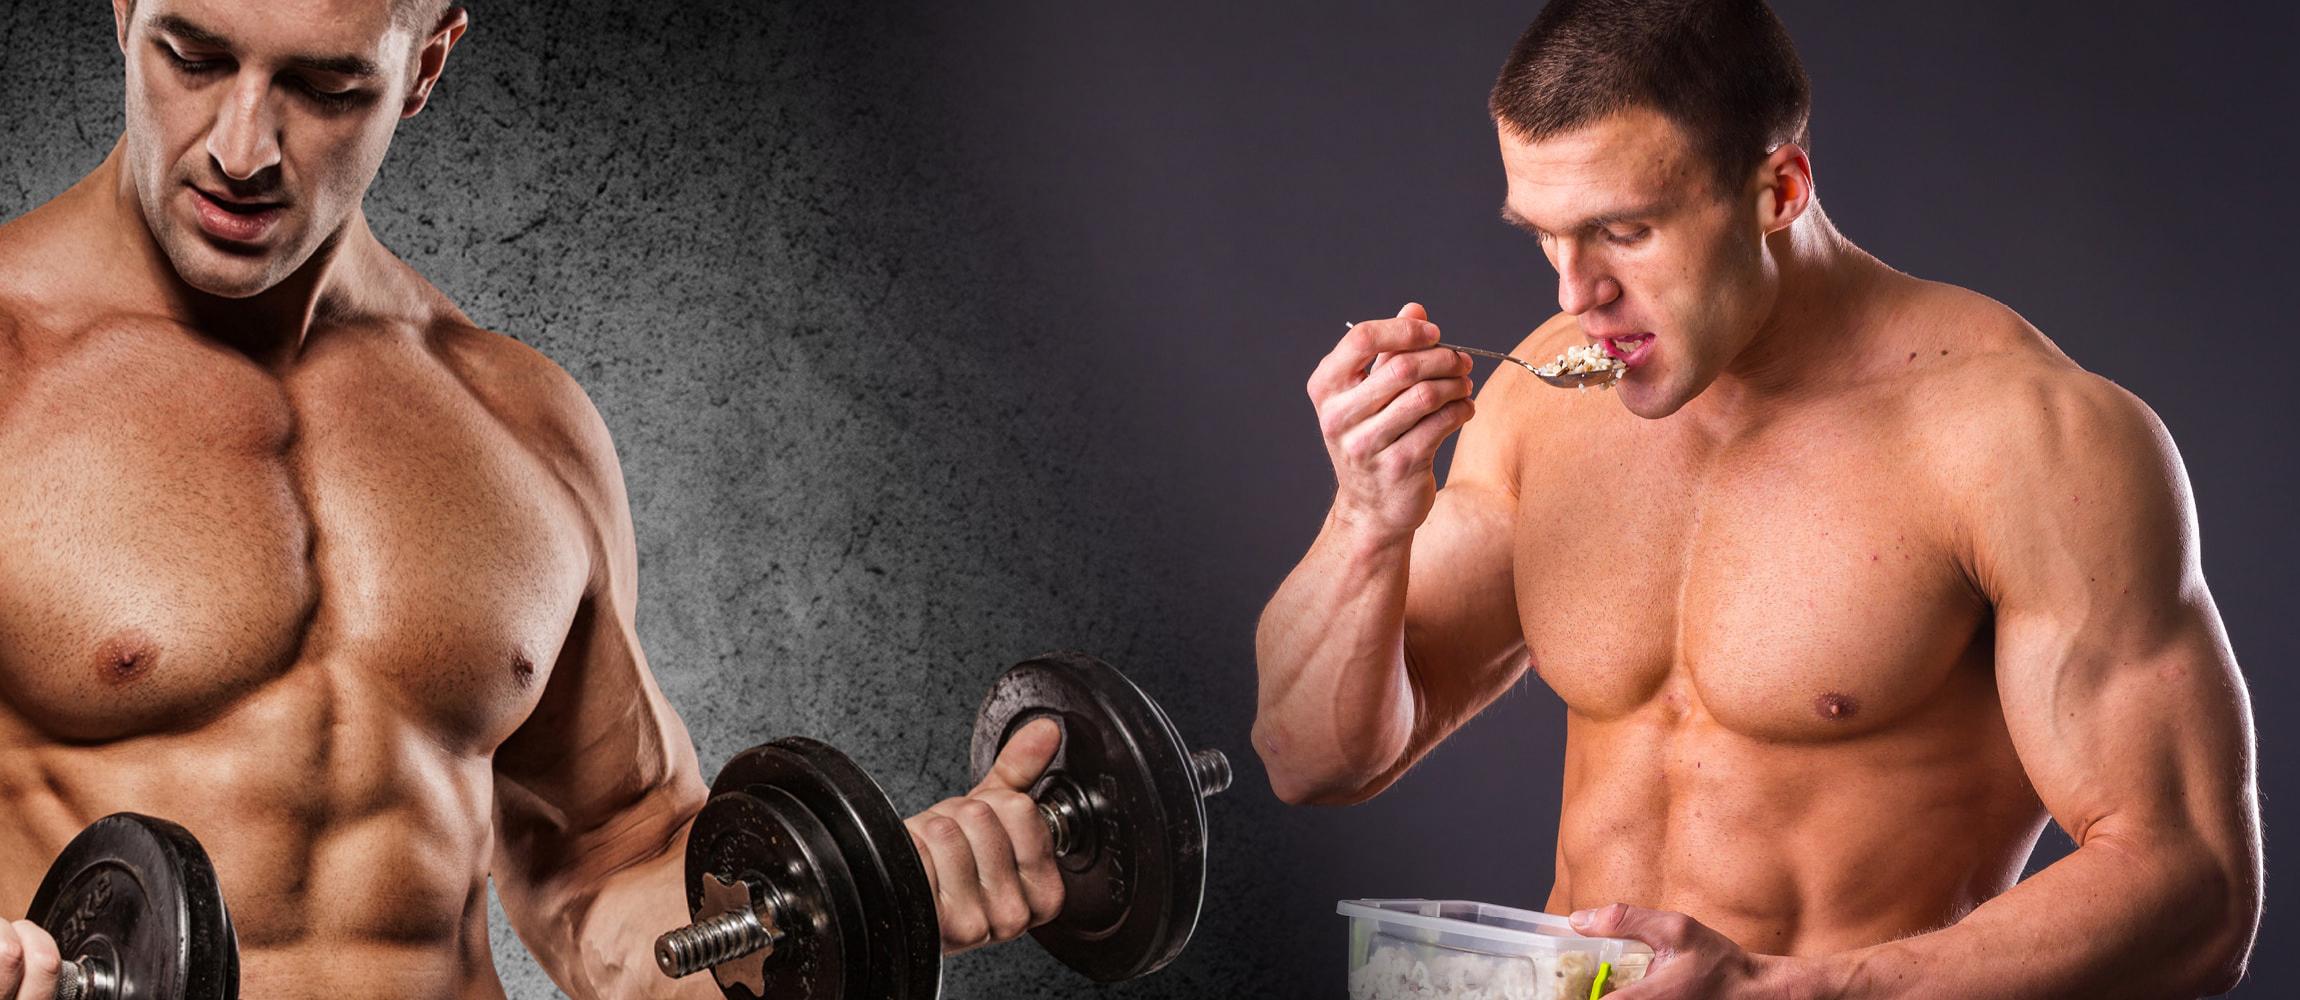 Спорт как набрать мышечную массу